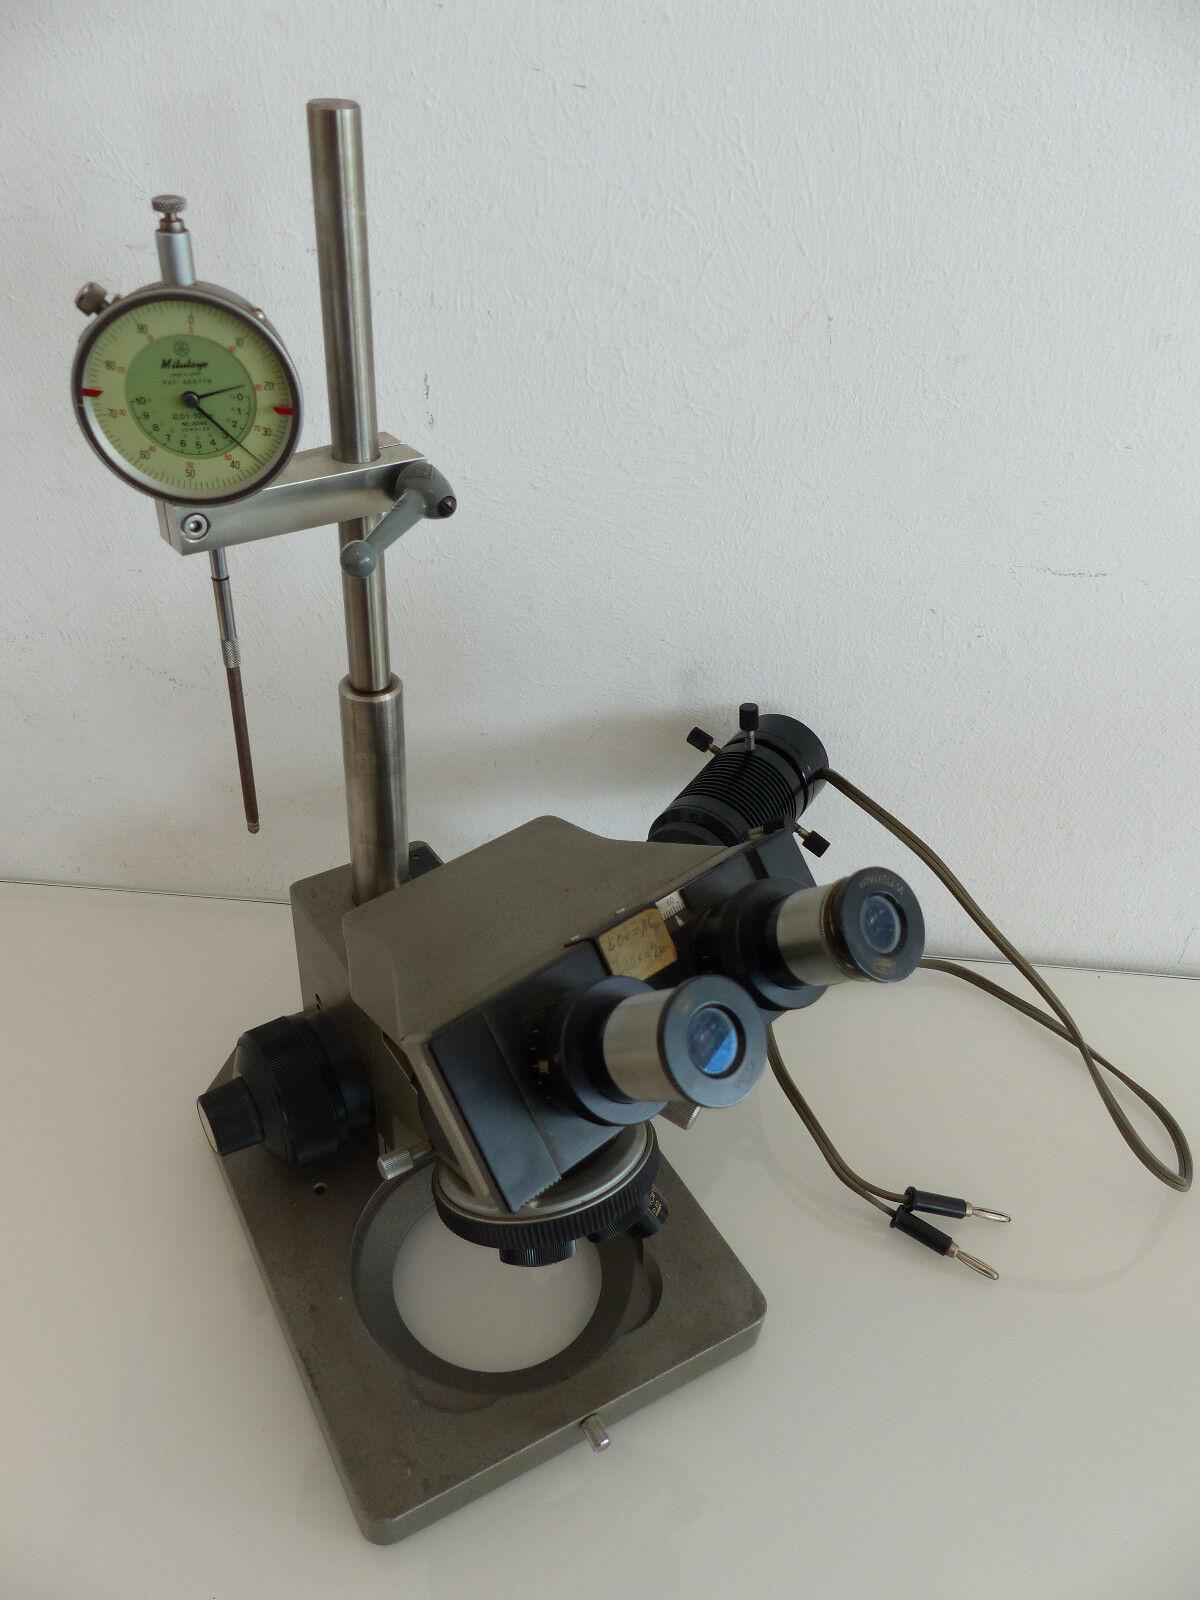 Olympus Mikroskop mit LWD MPLAN 40 5 0,55 0,10 Objektive Mitutoyo Messuhr